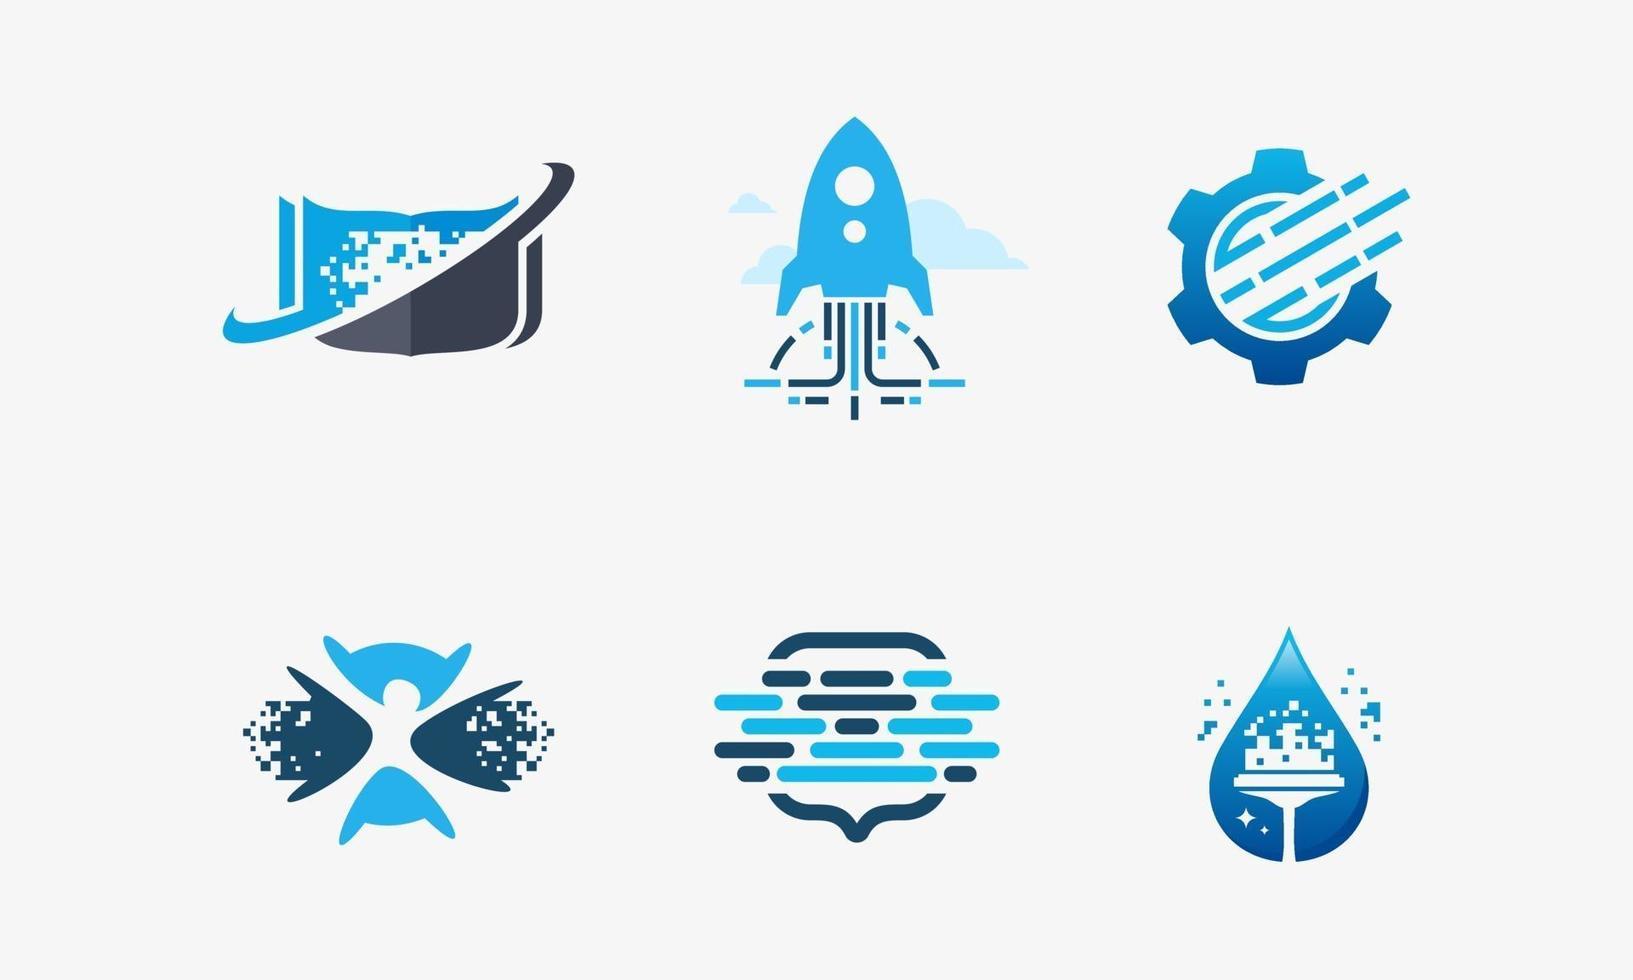 conjunto de iconos de tecnología, que incluyen libro de píxeles, tecnología rápida y equipo de píxeles vector